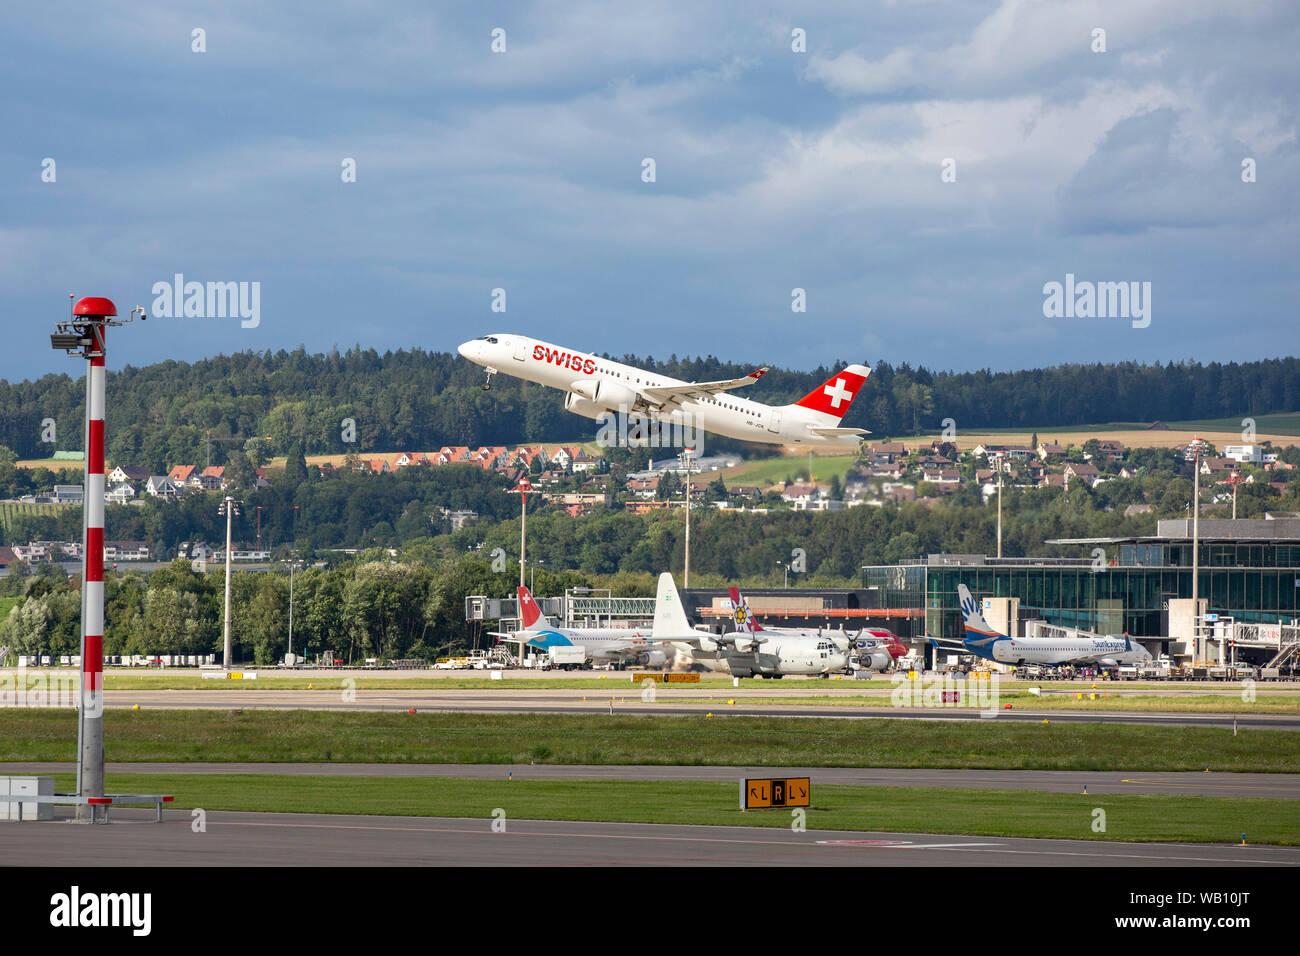 Bombardier CSeries CS300, Reg: HB-JCK beim Abflug vom Flughafen Zürich (ZRH). 15.08.2019 Stock Photo